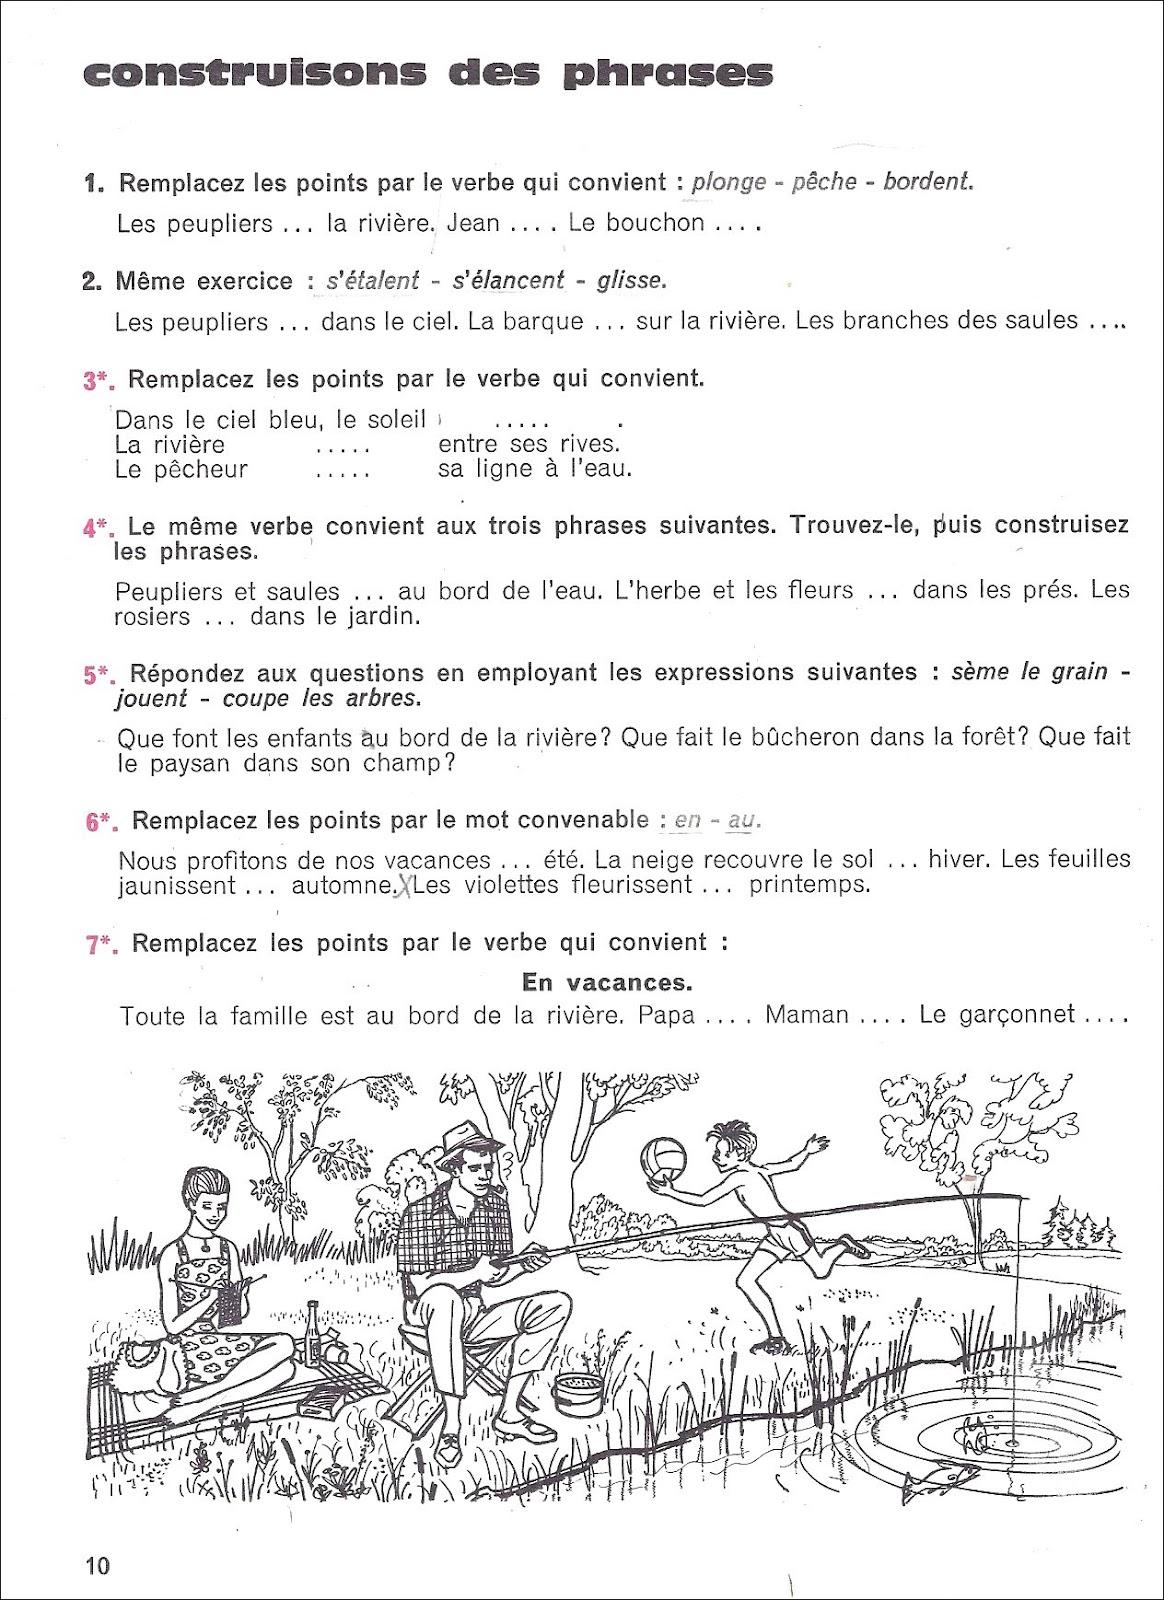 Manuels anciens souvenirs de vacances garagnon vocabulaire 1 - Souvenir de vacances ...